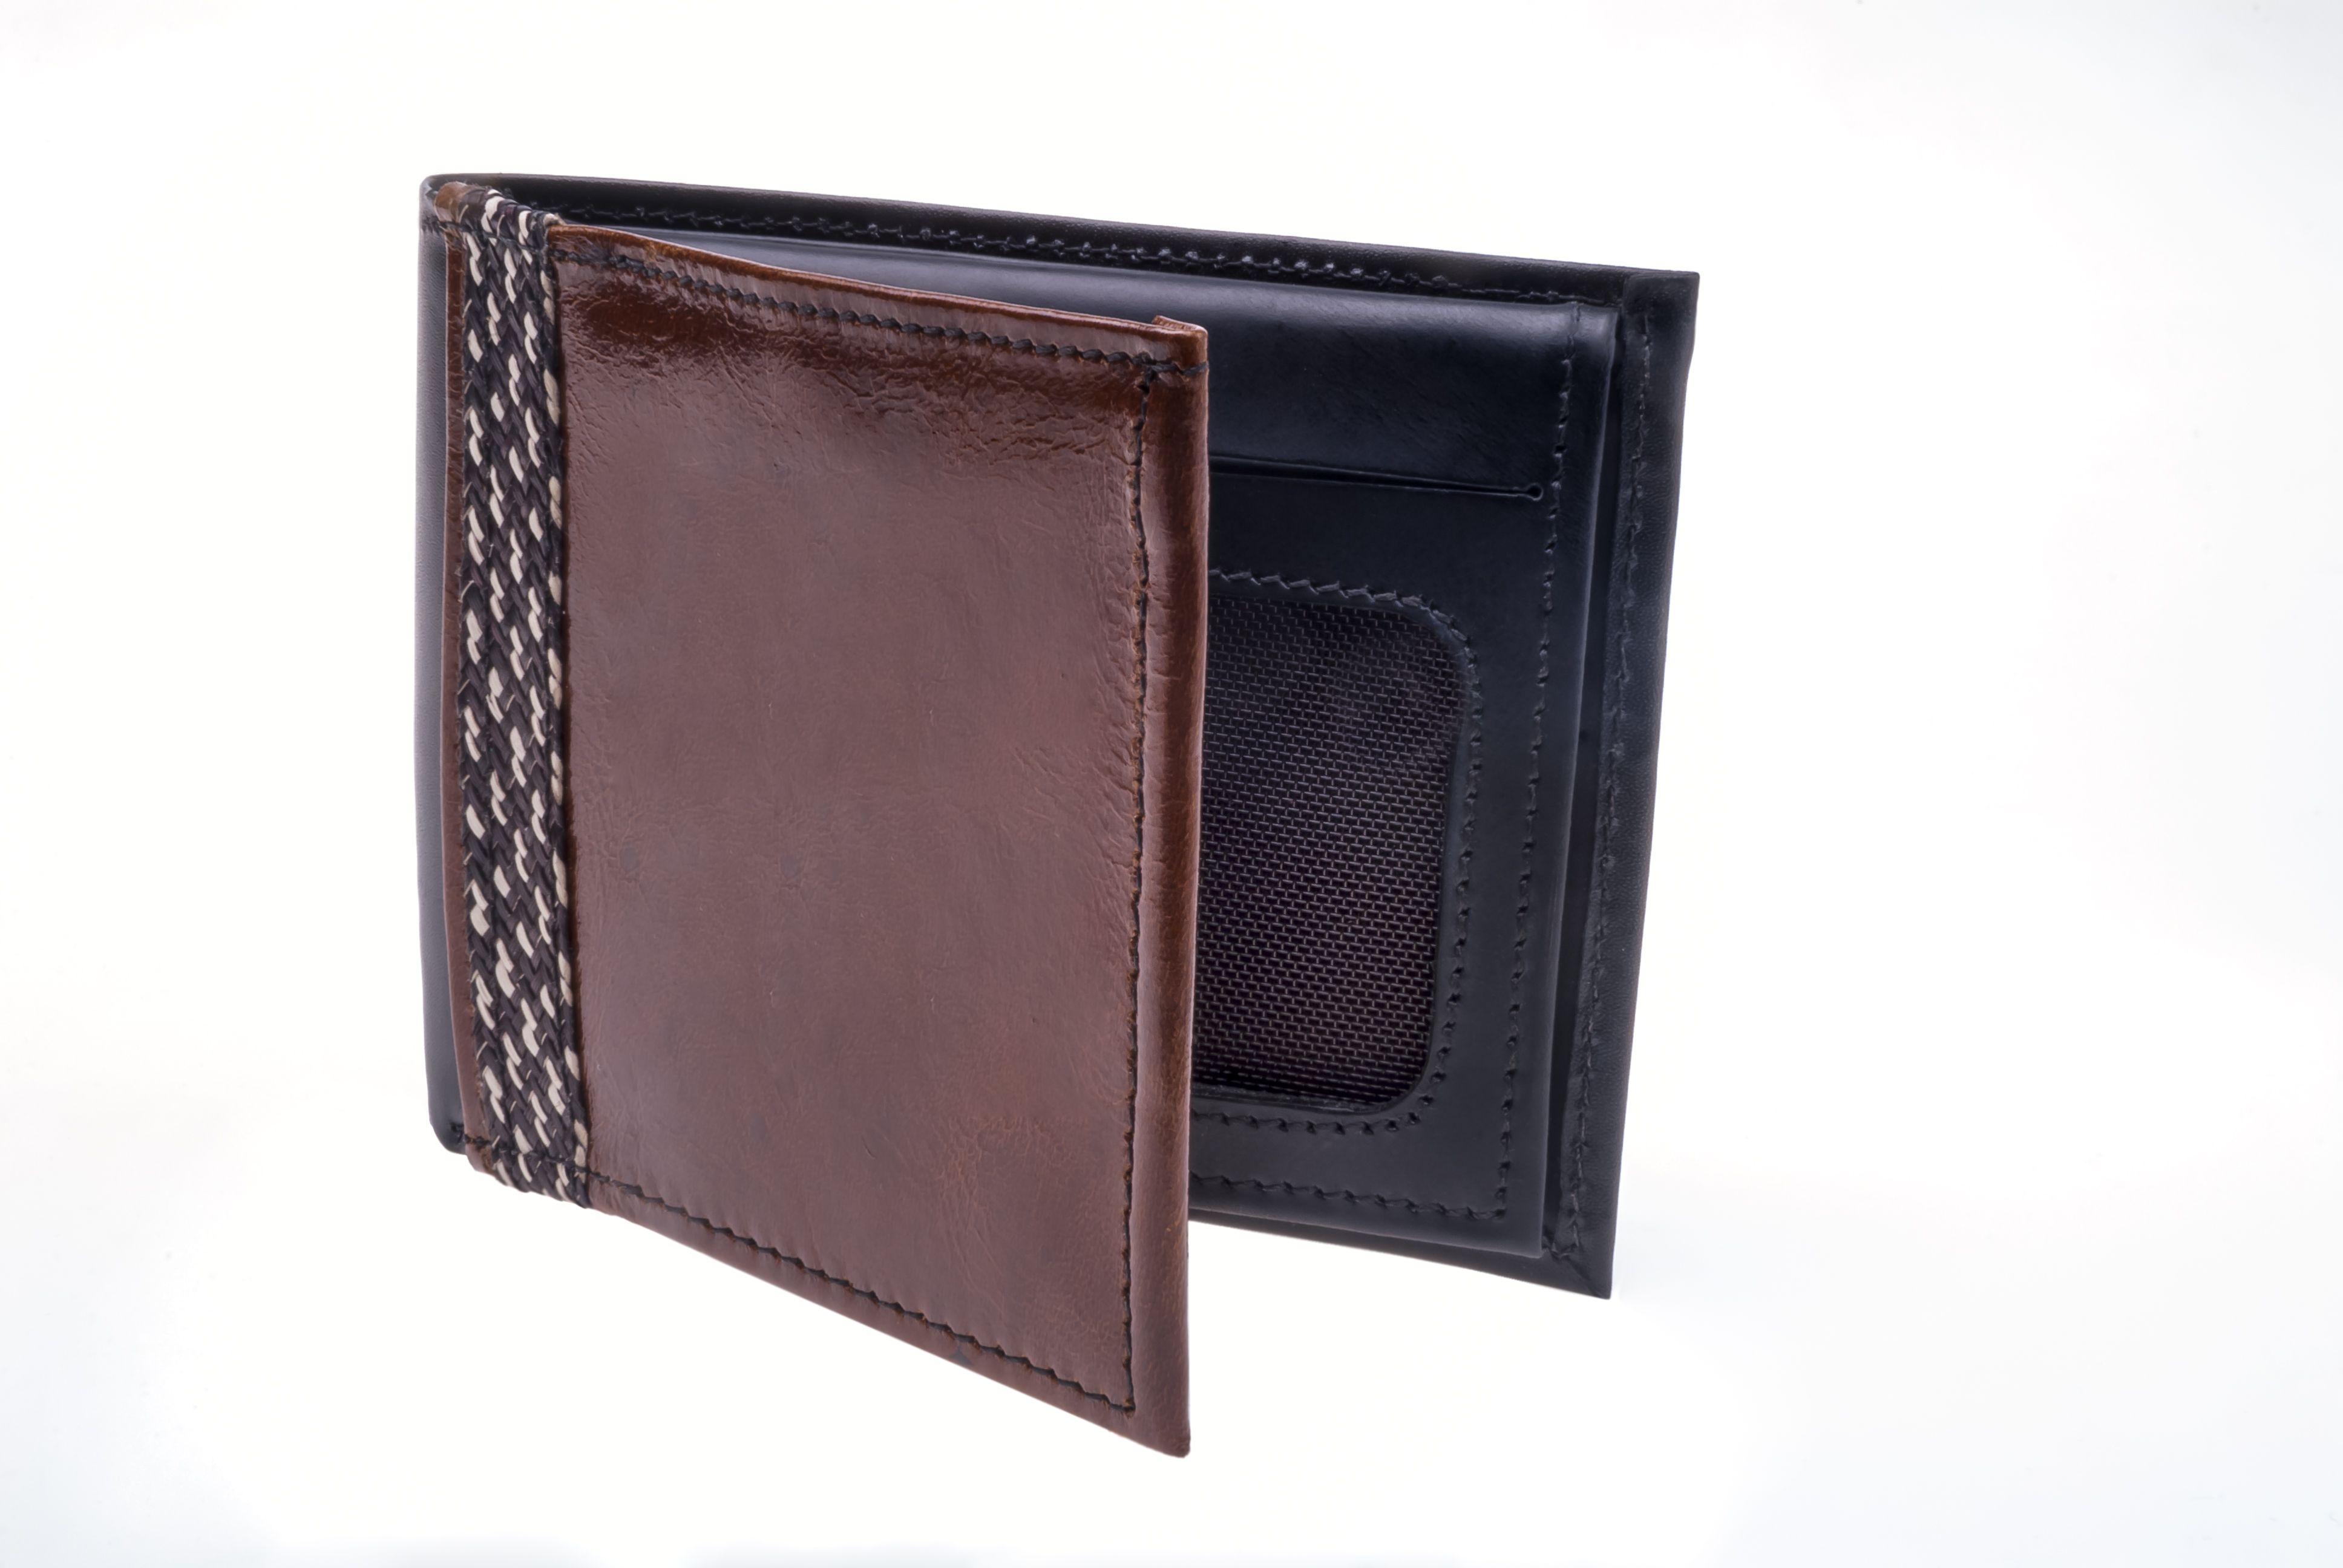 Billetera en cuero y caña flecha. Color marrón